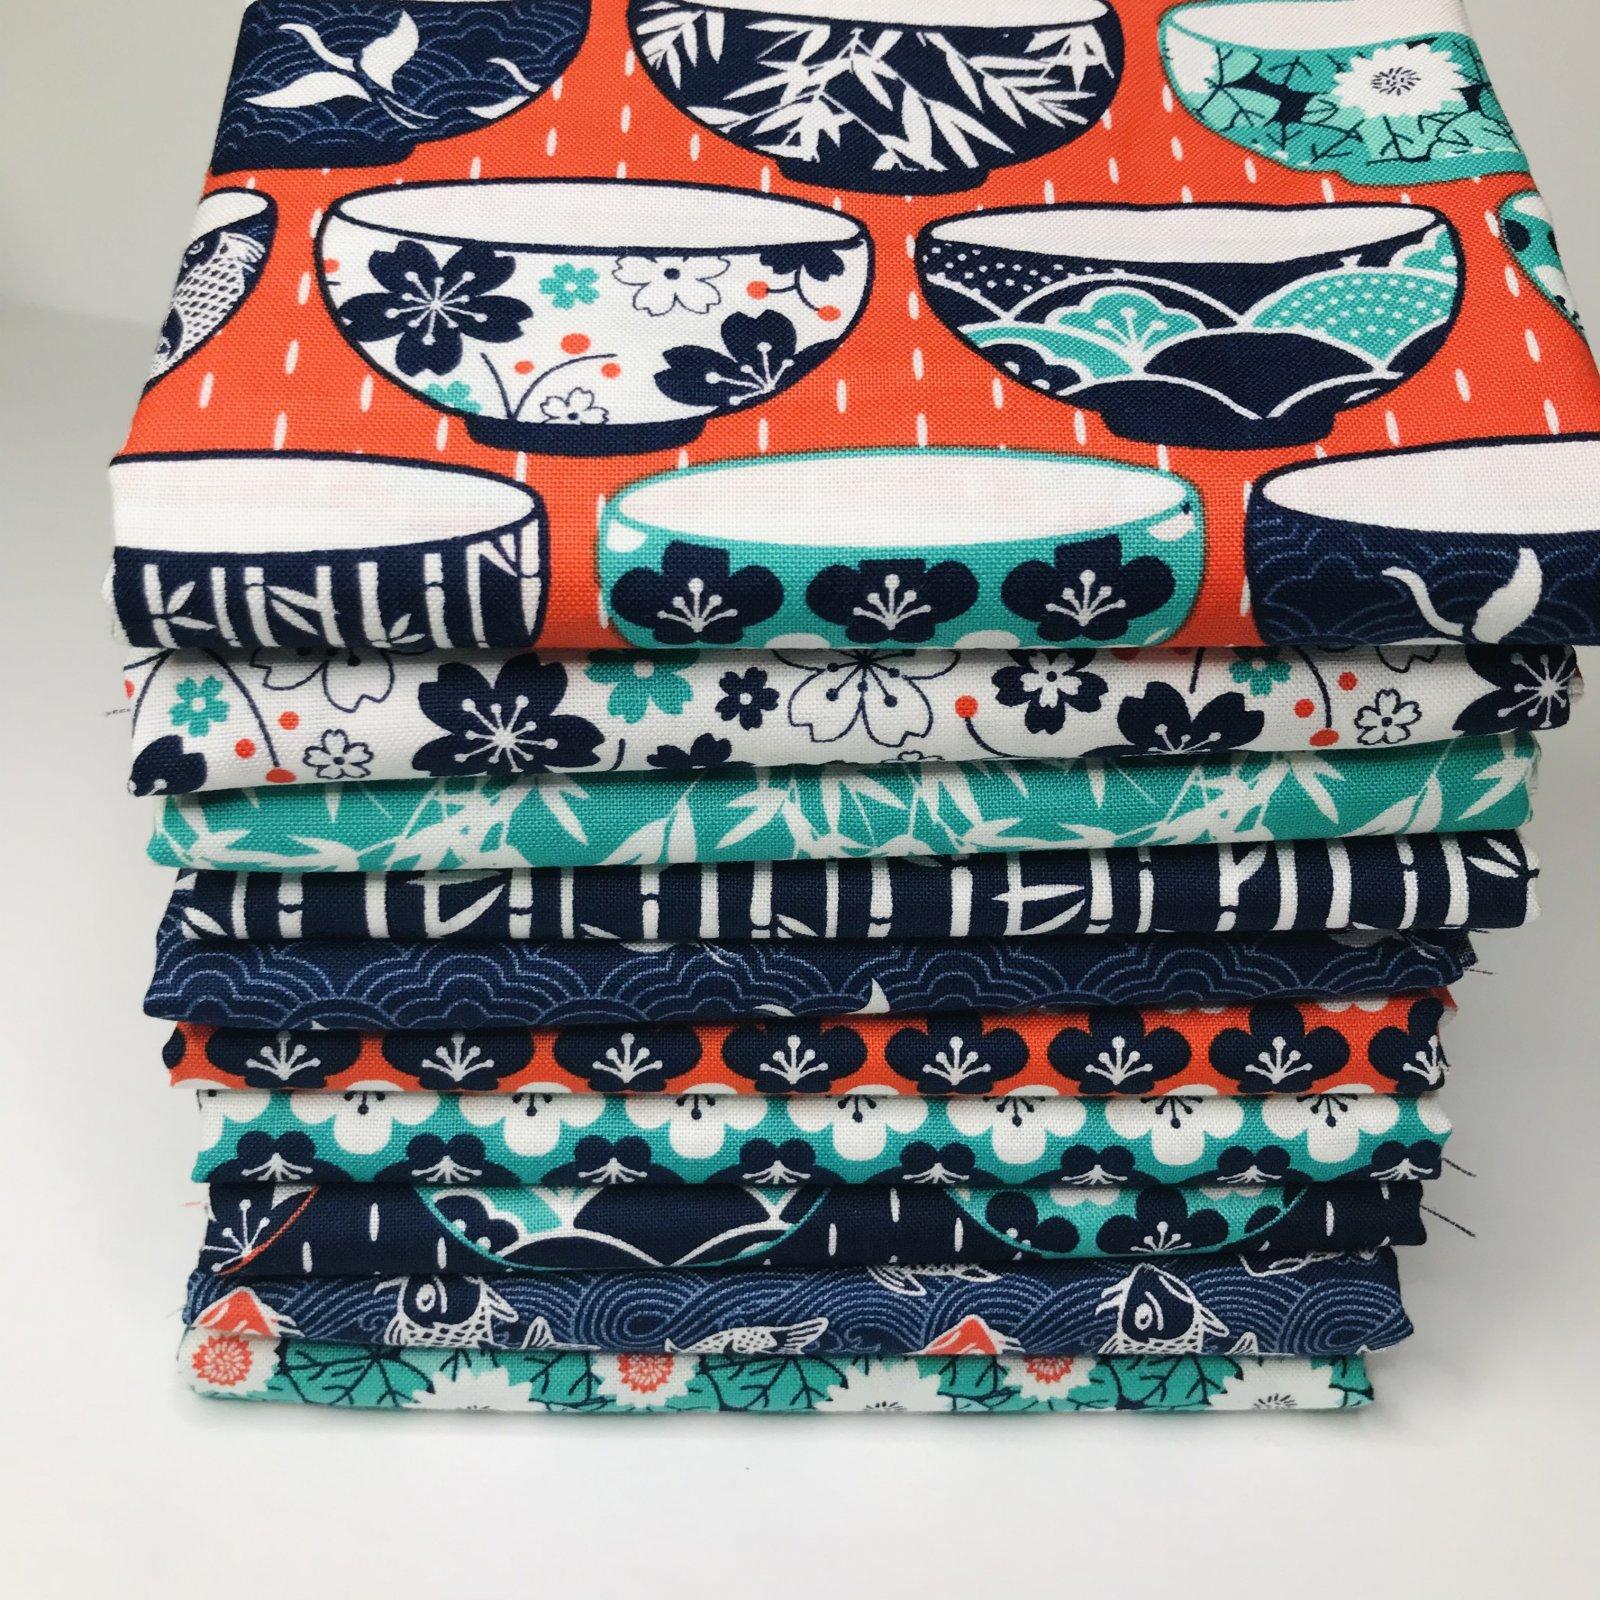 Kyoto by Stuart HIllard for Craft Cotton Co. - 10 Fat Quarters Bundle